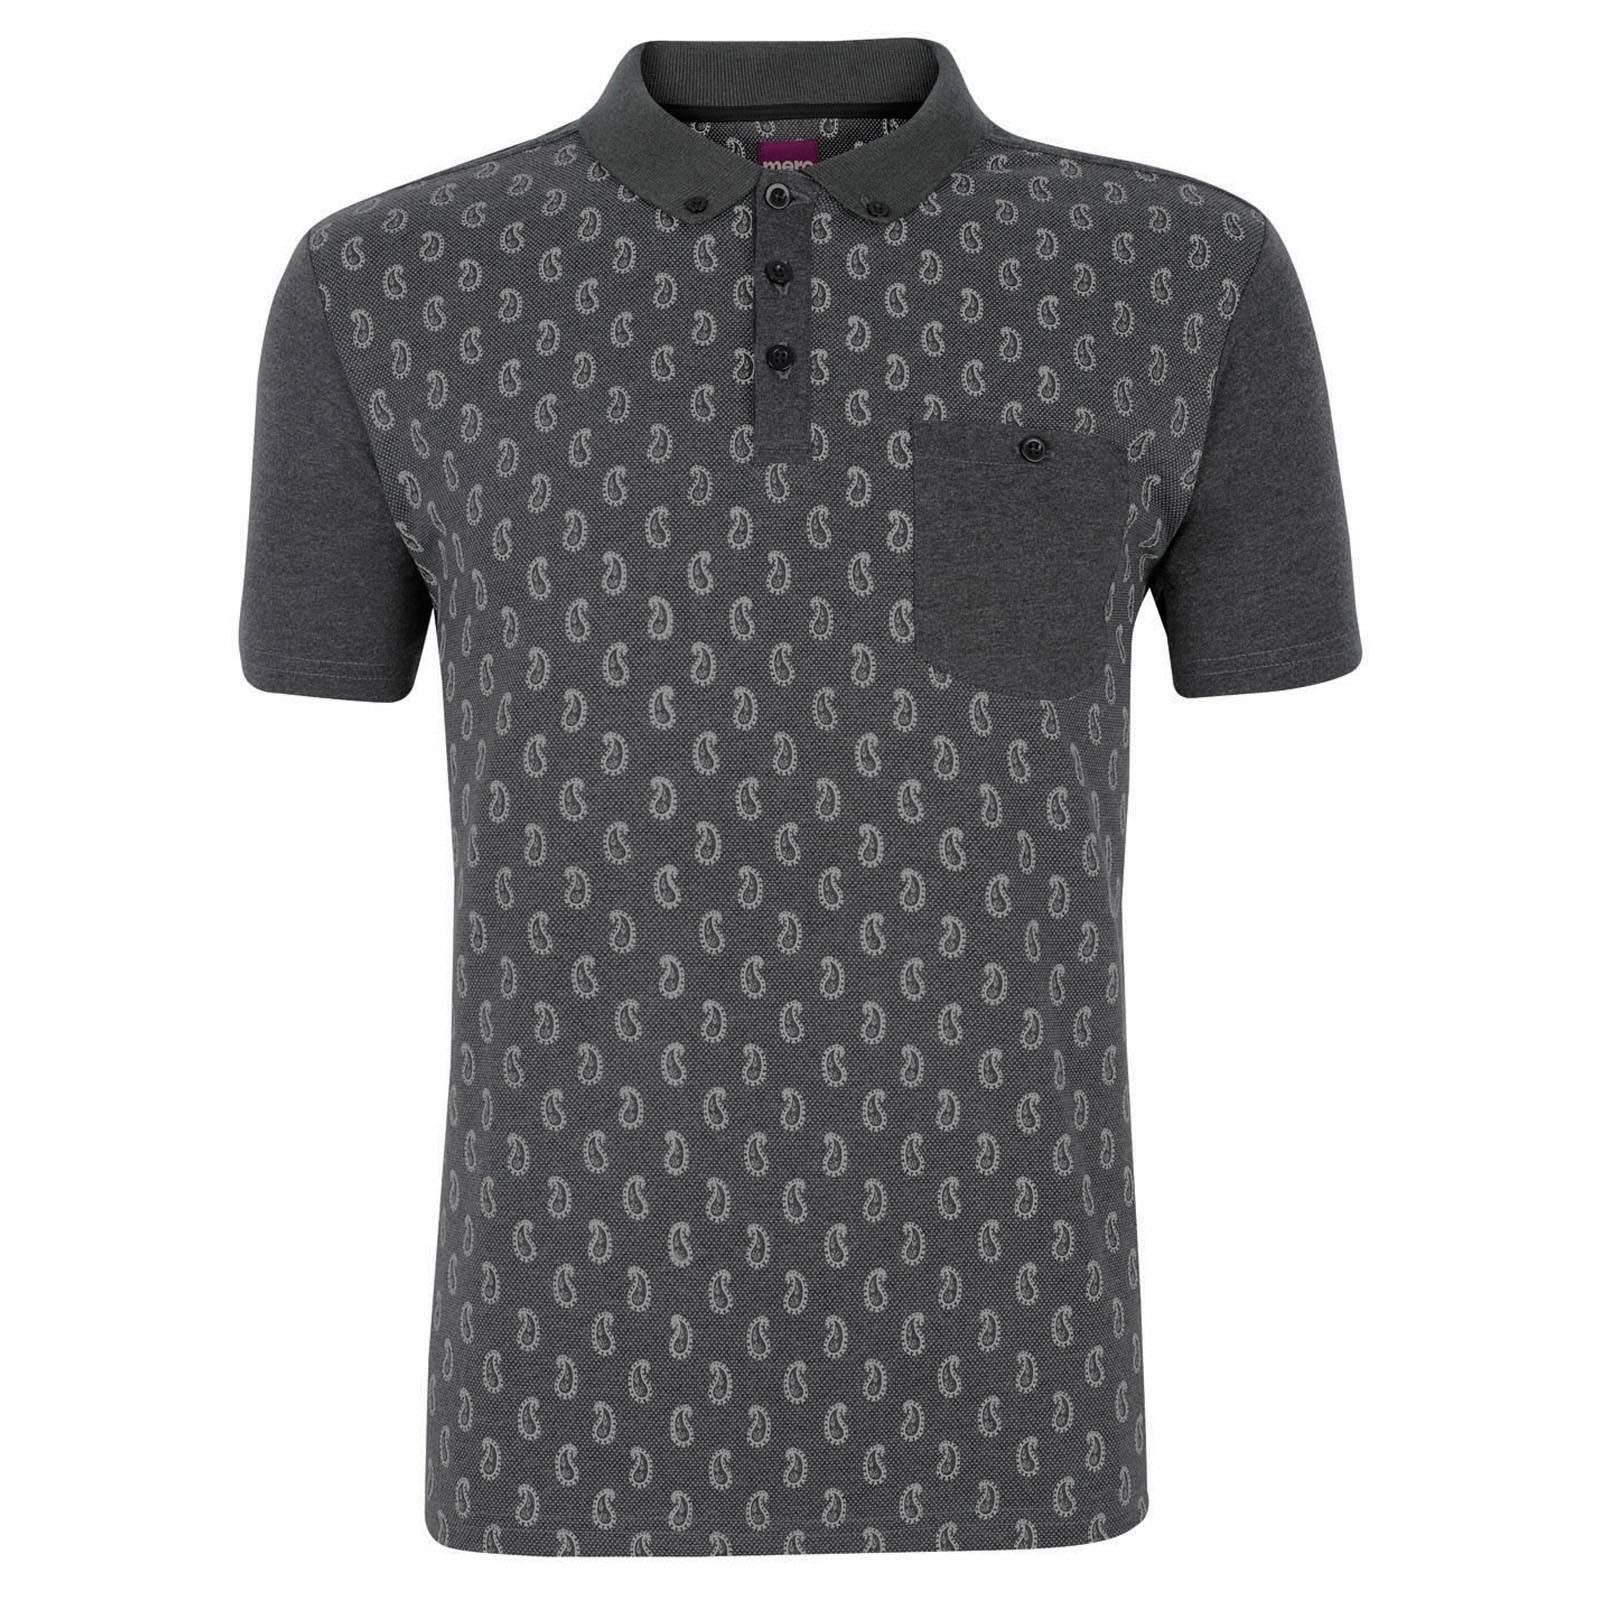 Рубашка Поло BanionПоследняя цена<br>Винтажная, с акцентом на ретро, мужская рубашка поло из плотного хлопкового материала, декорированная широко отстоящими и графически упрощенными элементами орнамента пейсли, являющегося преимущественно рубашечным узором . &amp;lt;br /&amp;gt;<br>&amp;lt;br /&amp;gt;<br>Гладкая ткань рукавов, нагрудного кармана и воротника с классической застежкой на три пуговицы по структуре отличается от более грубой, с рифленым эффектом, основы, образуя единую композицию. &amp;lt;br /&amp;gt;<br>&amp;lt;br /&amp;gt;<br>Еще одна деталь, больше характерная для конструкции обычных рубашек - укороченный воротник button down на пуговицах. Благодаря текстурной ткани отлично сочетается с джинсами.<br><br>Артикул: 1913203<br>Материал: 50% хлопок, 50% полиэстер<br>Цвет: серый<br>Пол: Мужской